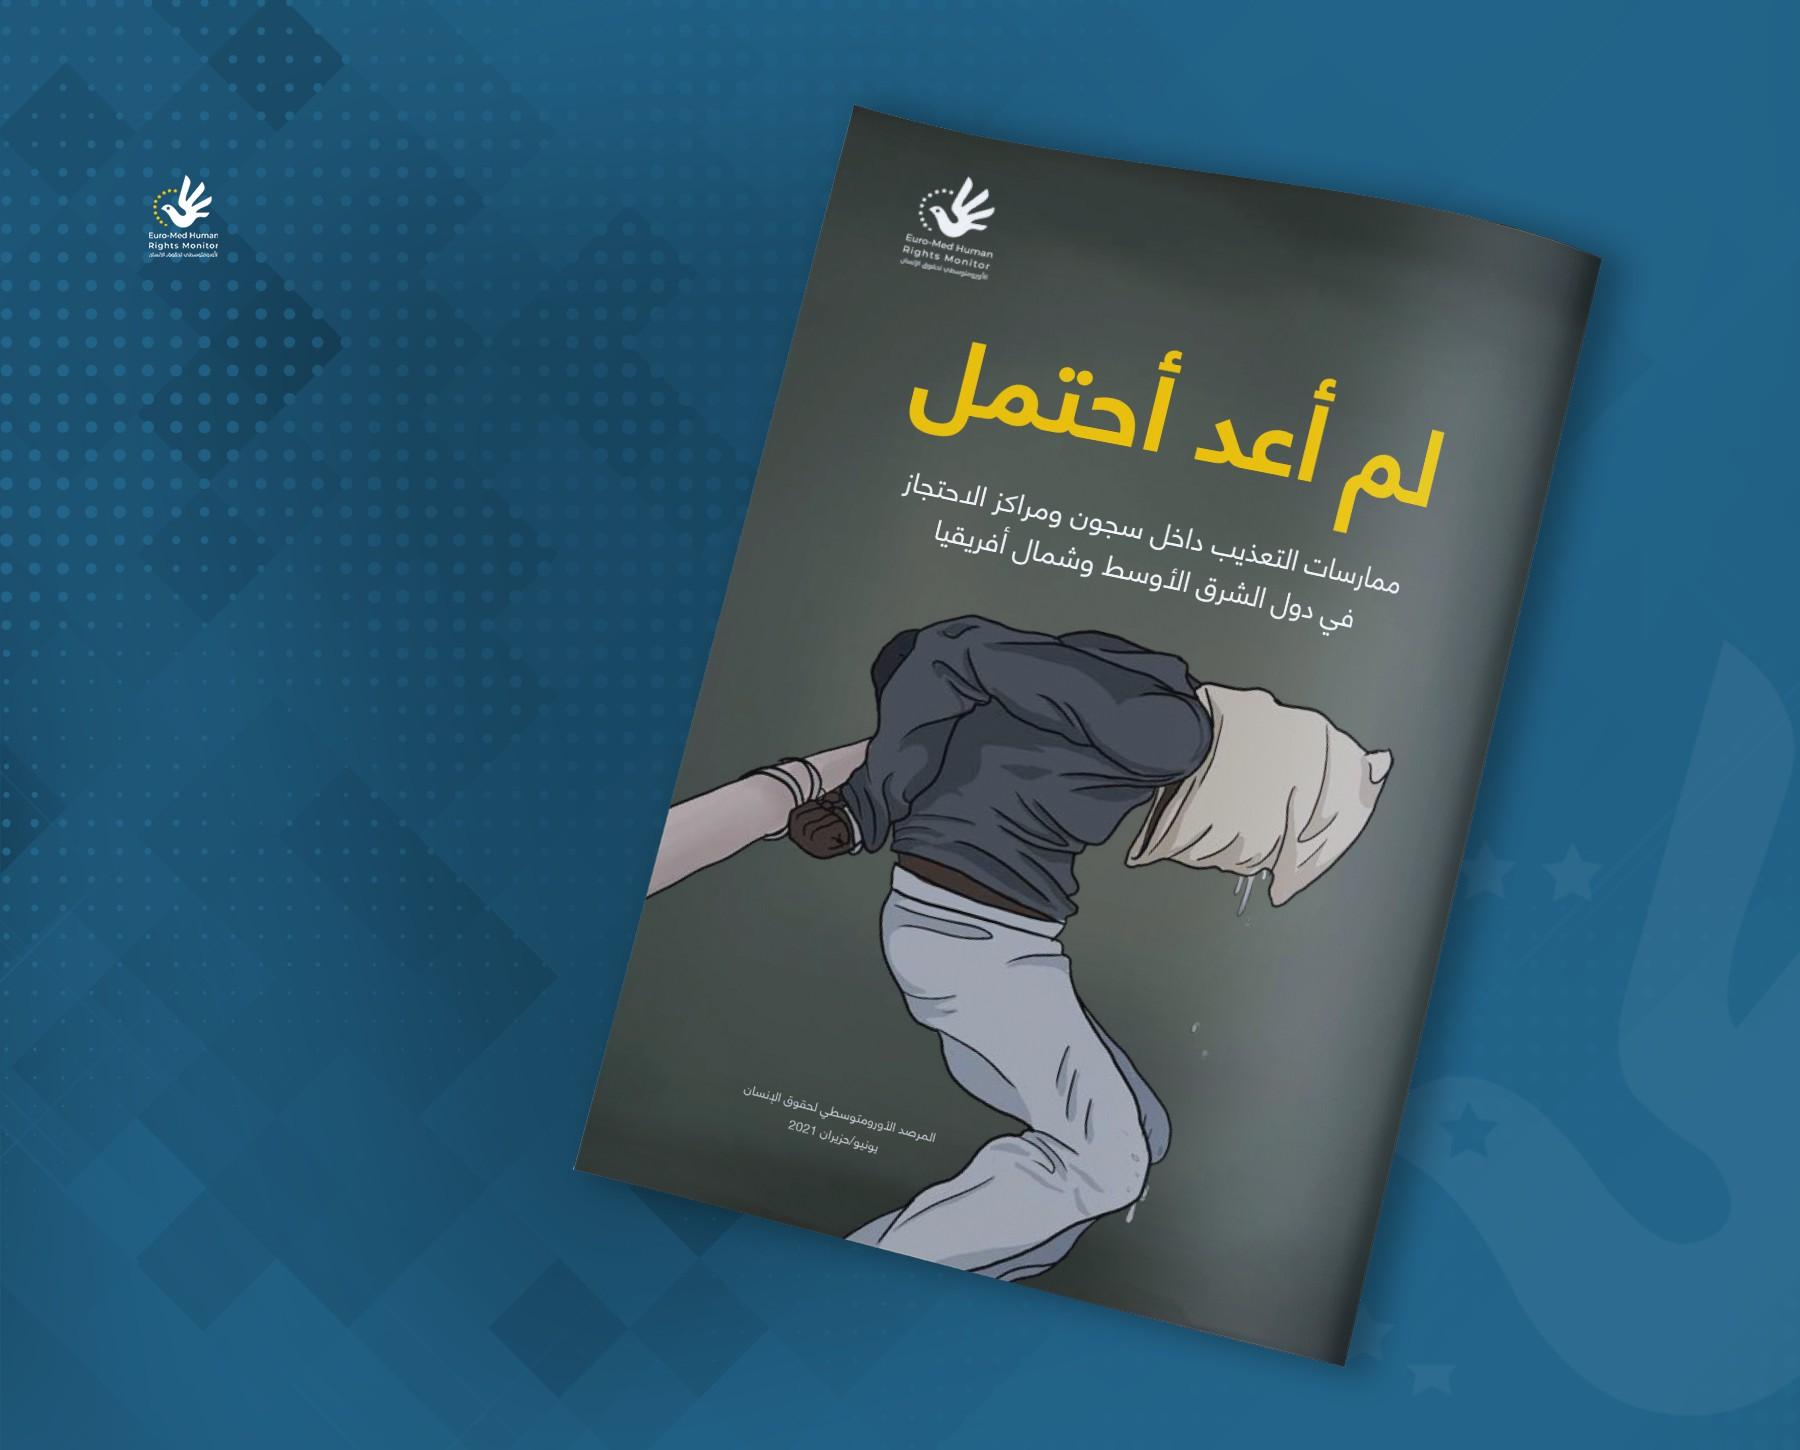 سوريا في الصدارة.. تقرير للأورومتوسطي: التعذيب في المنطقة العربية متفشٍّ على نطاق واسع